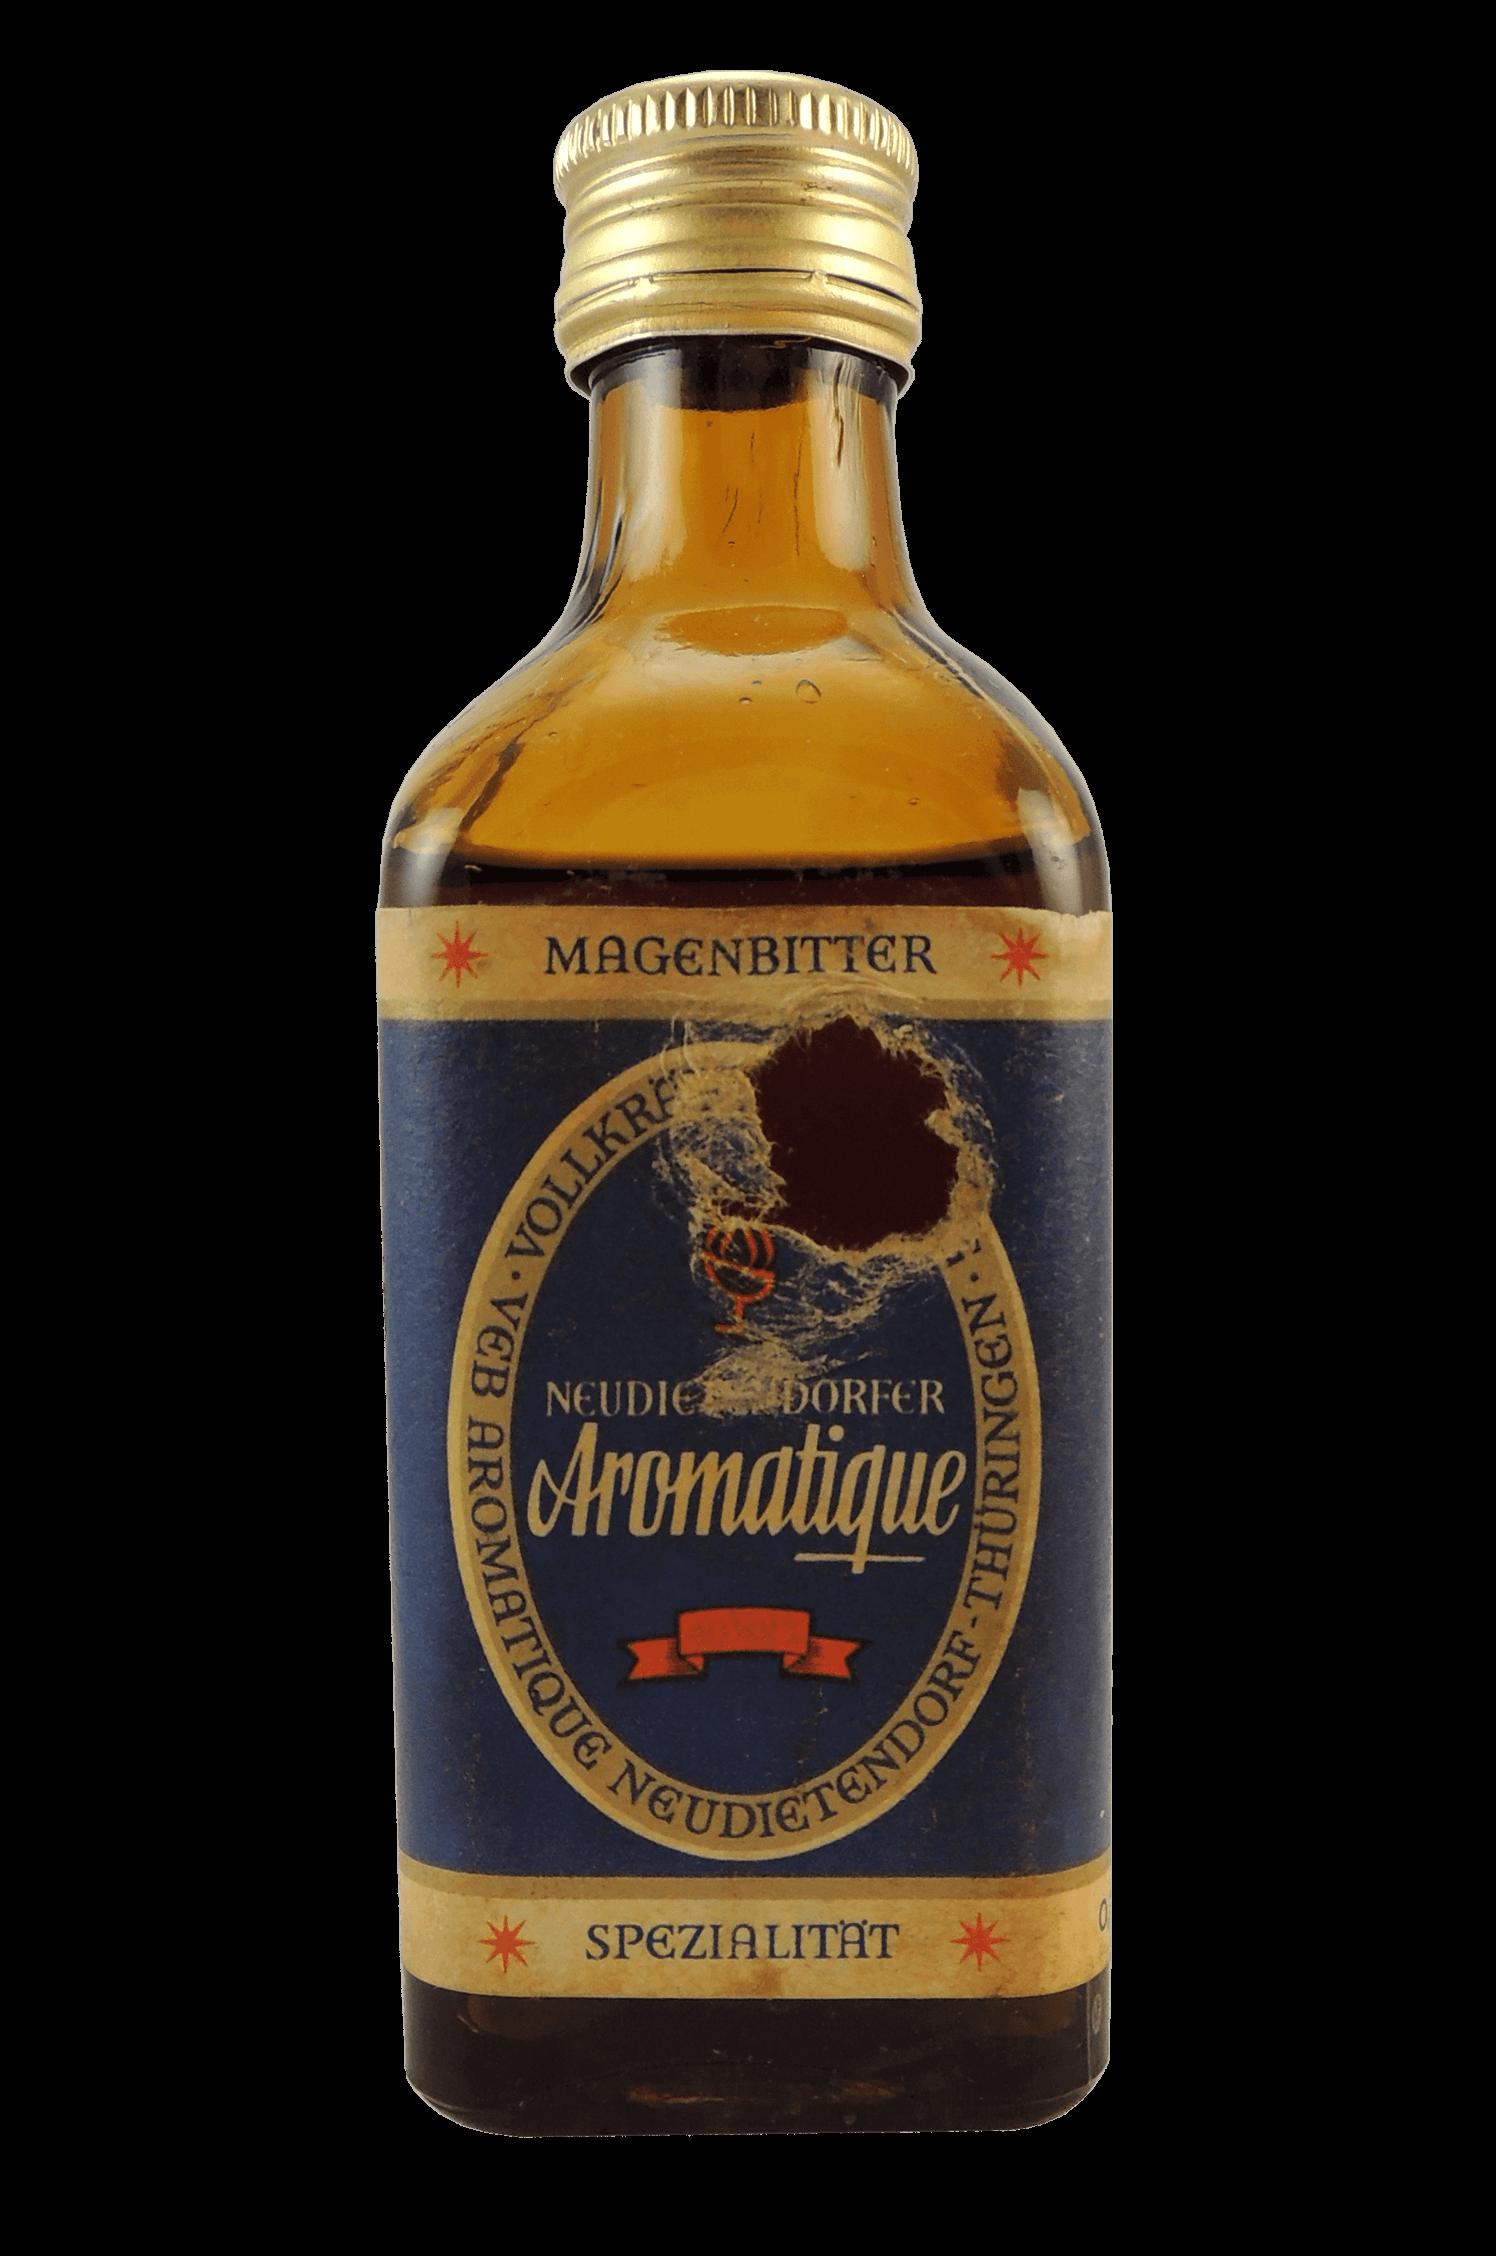 Neudietendorf Aromatique